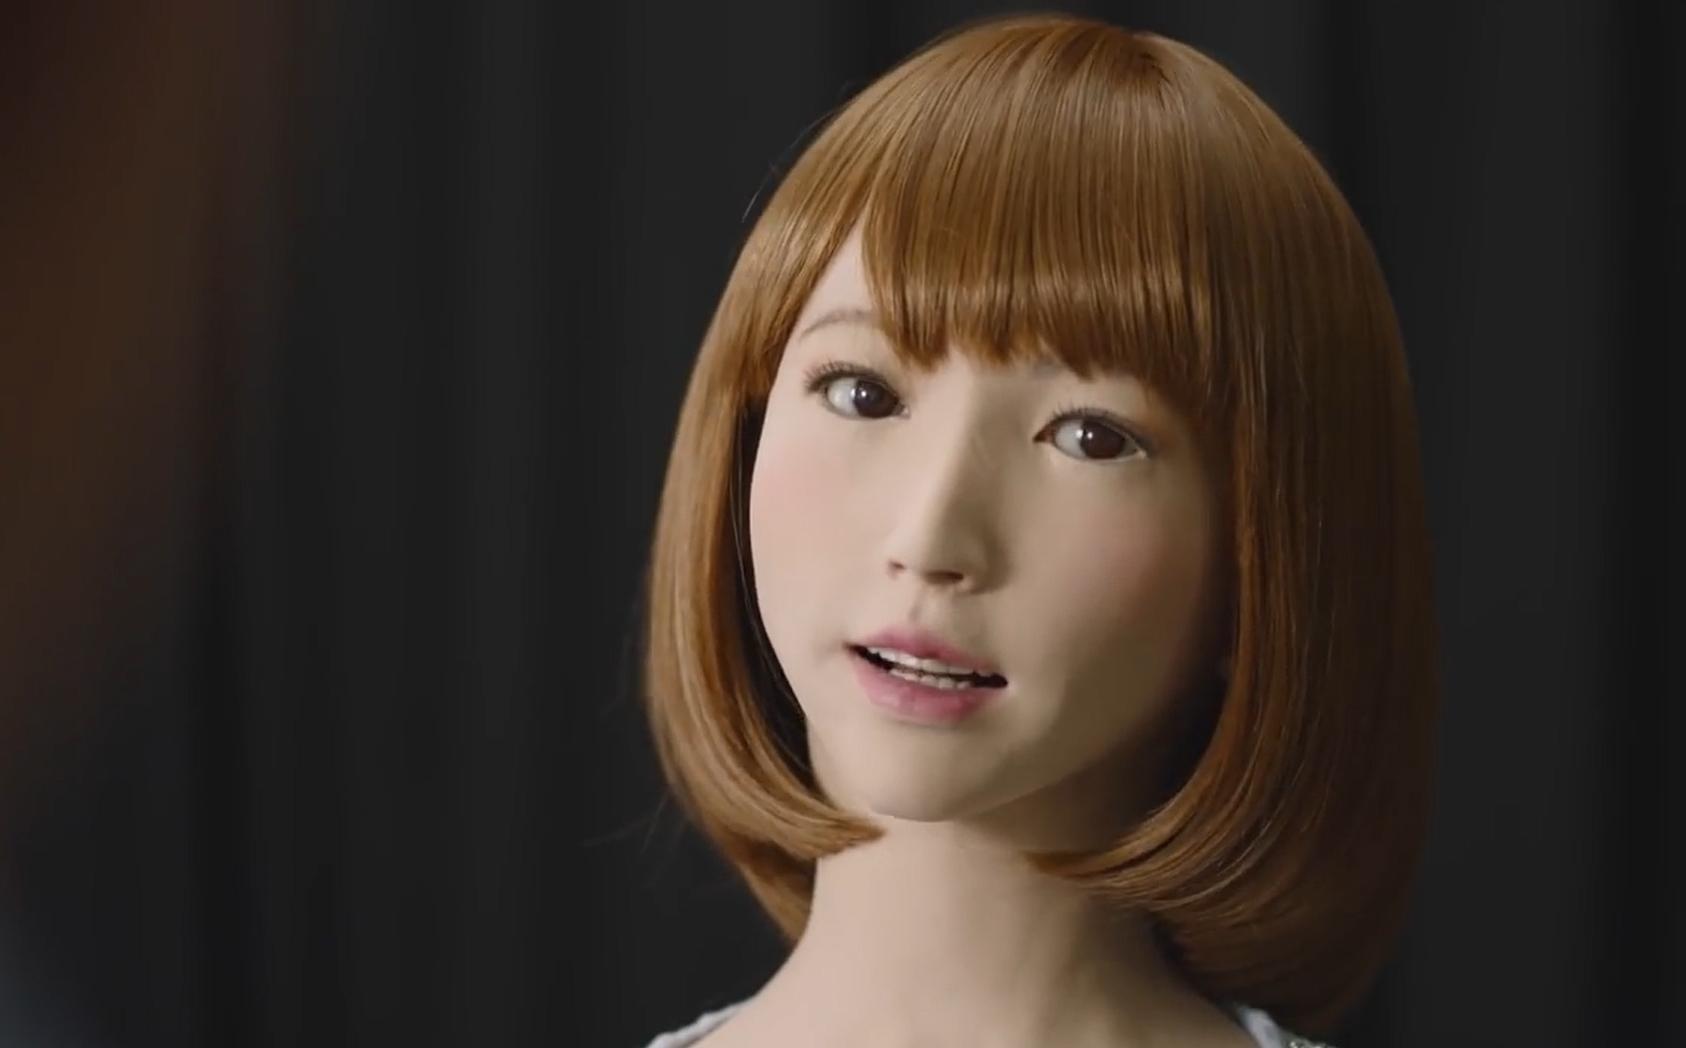 面对最逼真的人形机器人 如何证明自己是人?